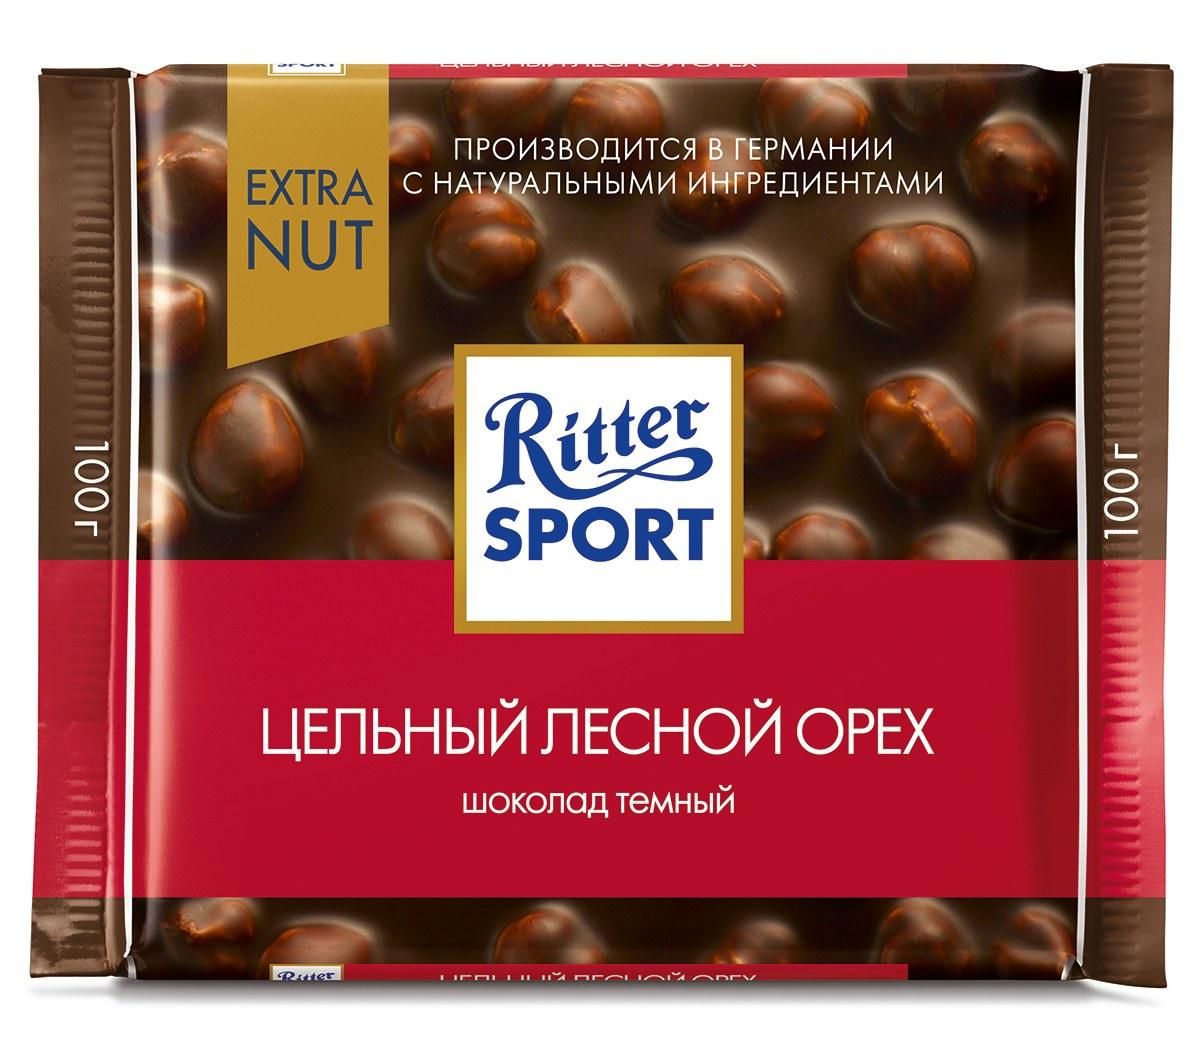 Шоколад горькийс цельным лесным орехом Extra Ritter Sport